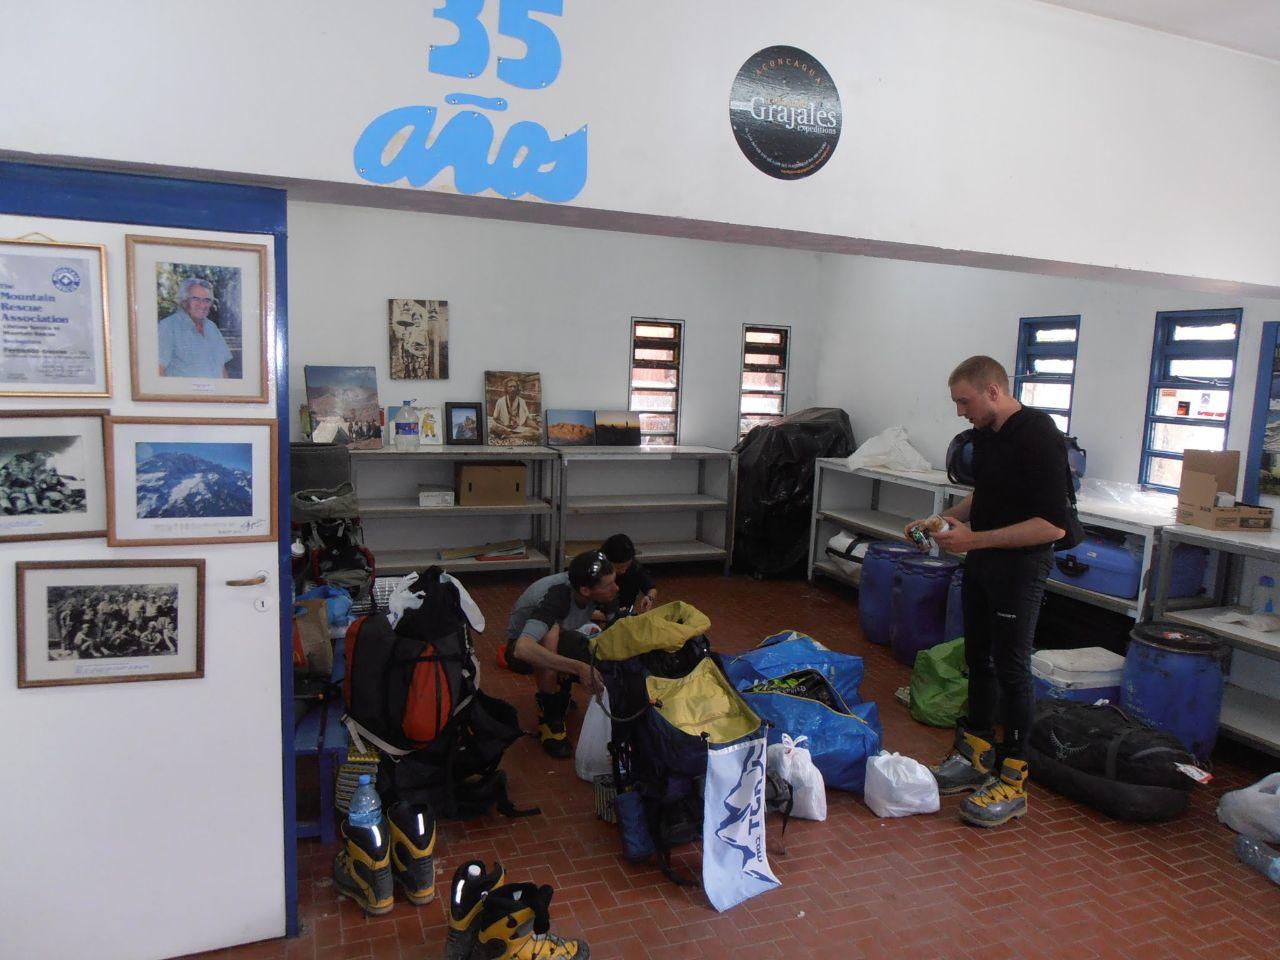 Ompackning i Grajales lokaler i Los Penitentes.